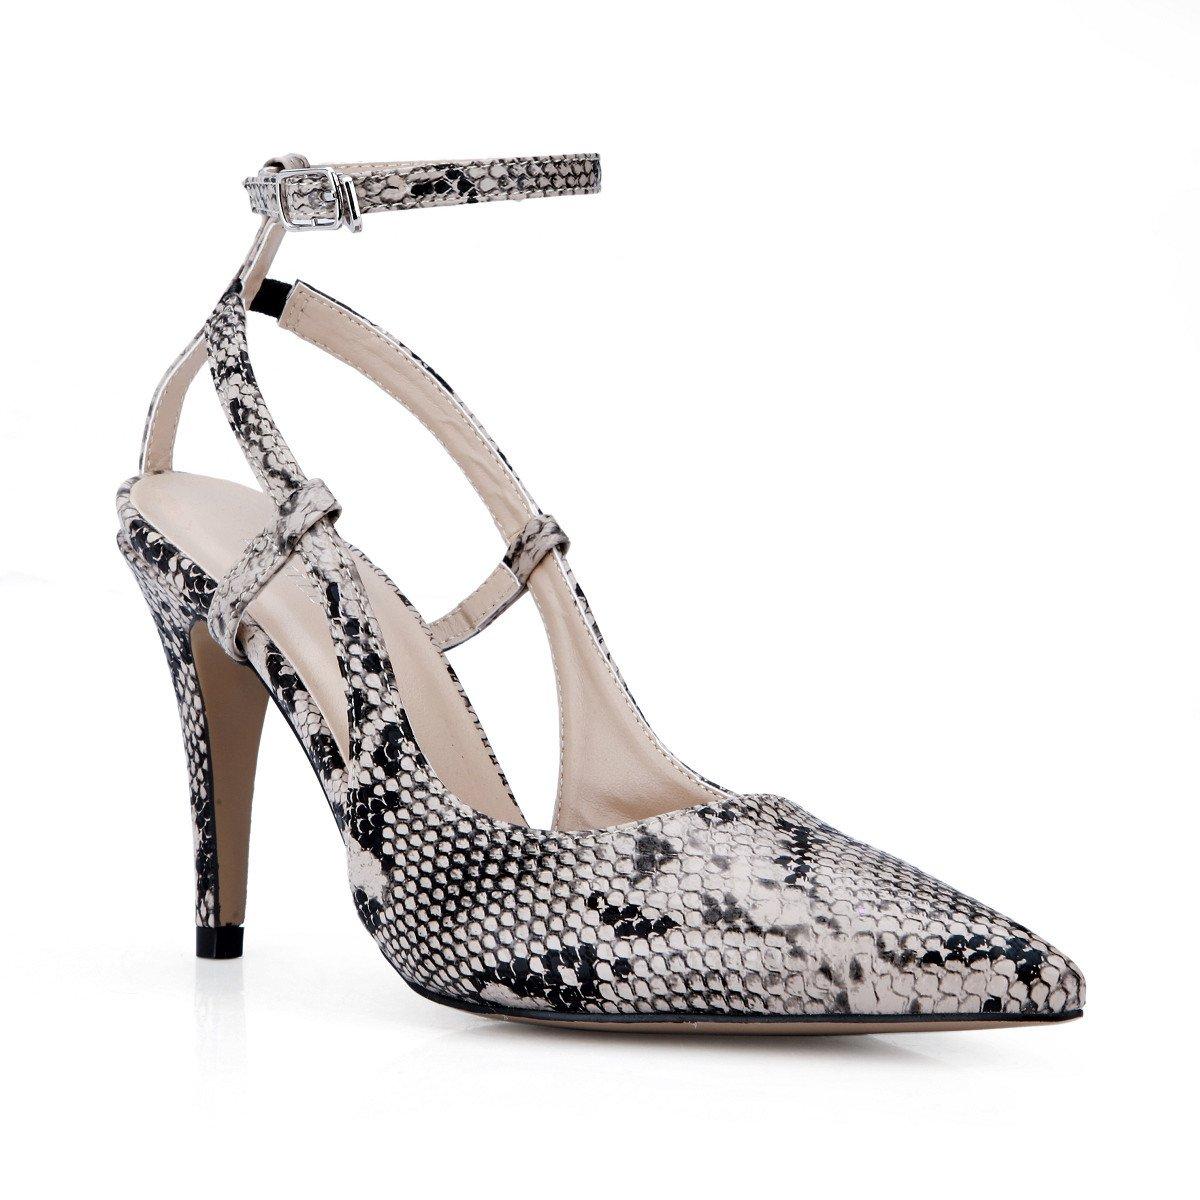 Noir and blanc Les femmes célibataires nouveau dîner annuel de la haute-talon de la peau de serpent gris Grande Punto chaussures femmes US9   EU40   UK7   CN41